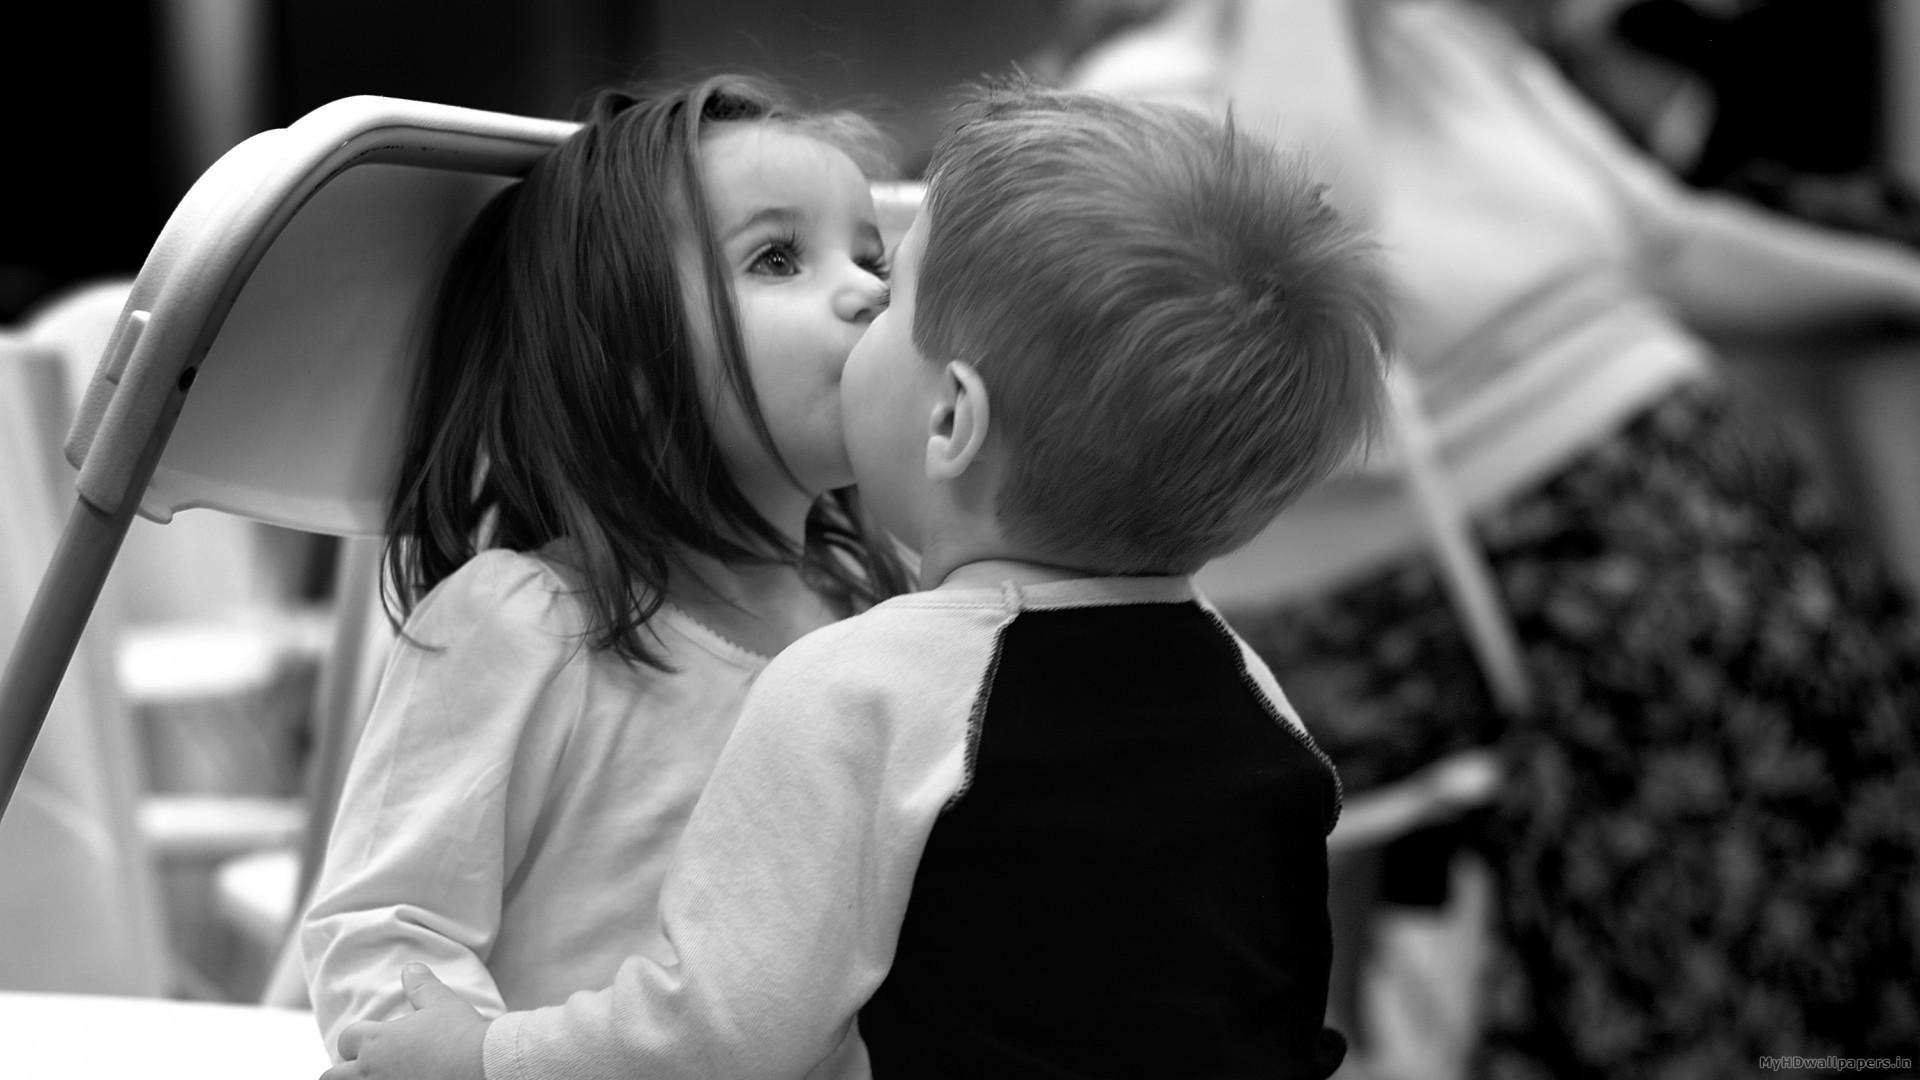 Romantic Kids Girl Boy Kiss Wallpaper   Data Src Gorgerous - Kiss Wallpaper Download Free - HD Wallpaper